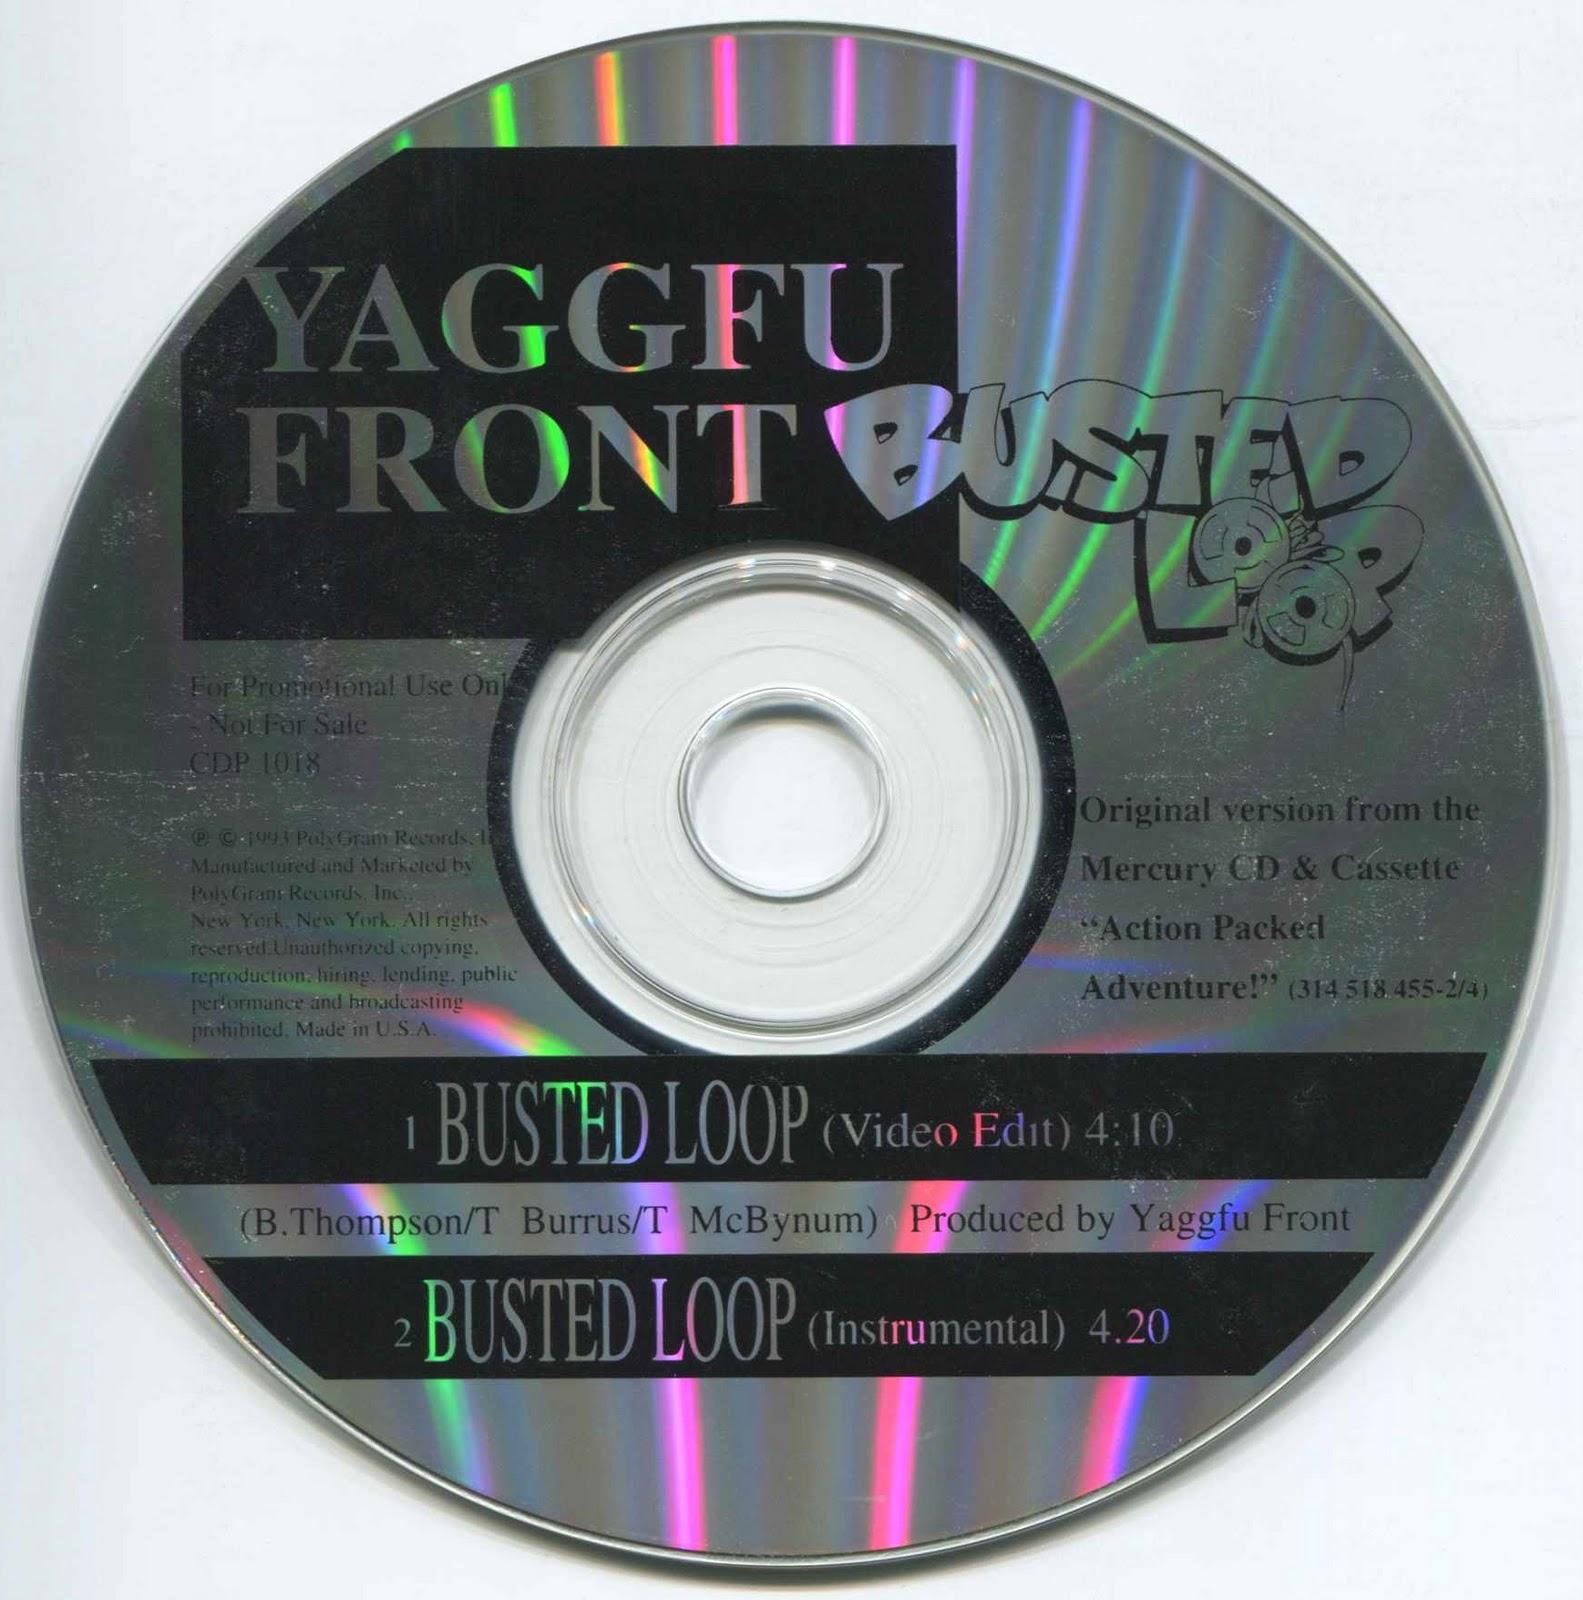 http://4.bp.blogspot.com/-eu_gFRD1LxA/TZaFGwmpSSI/AAAAAAAABU8/TDRfIR2cW9U/s1600/Yaggfu+FrontCD.jpg